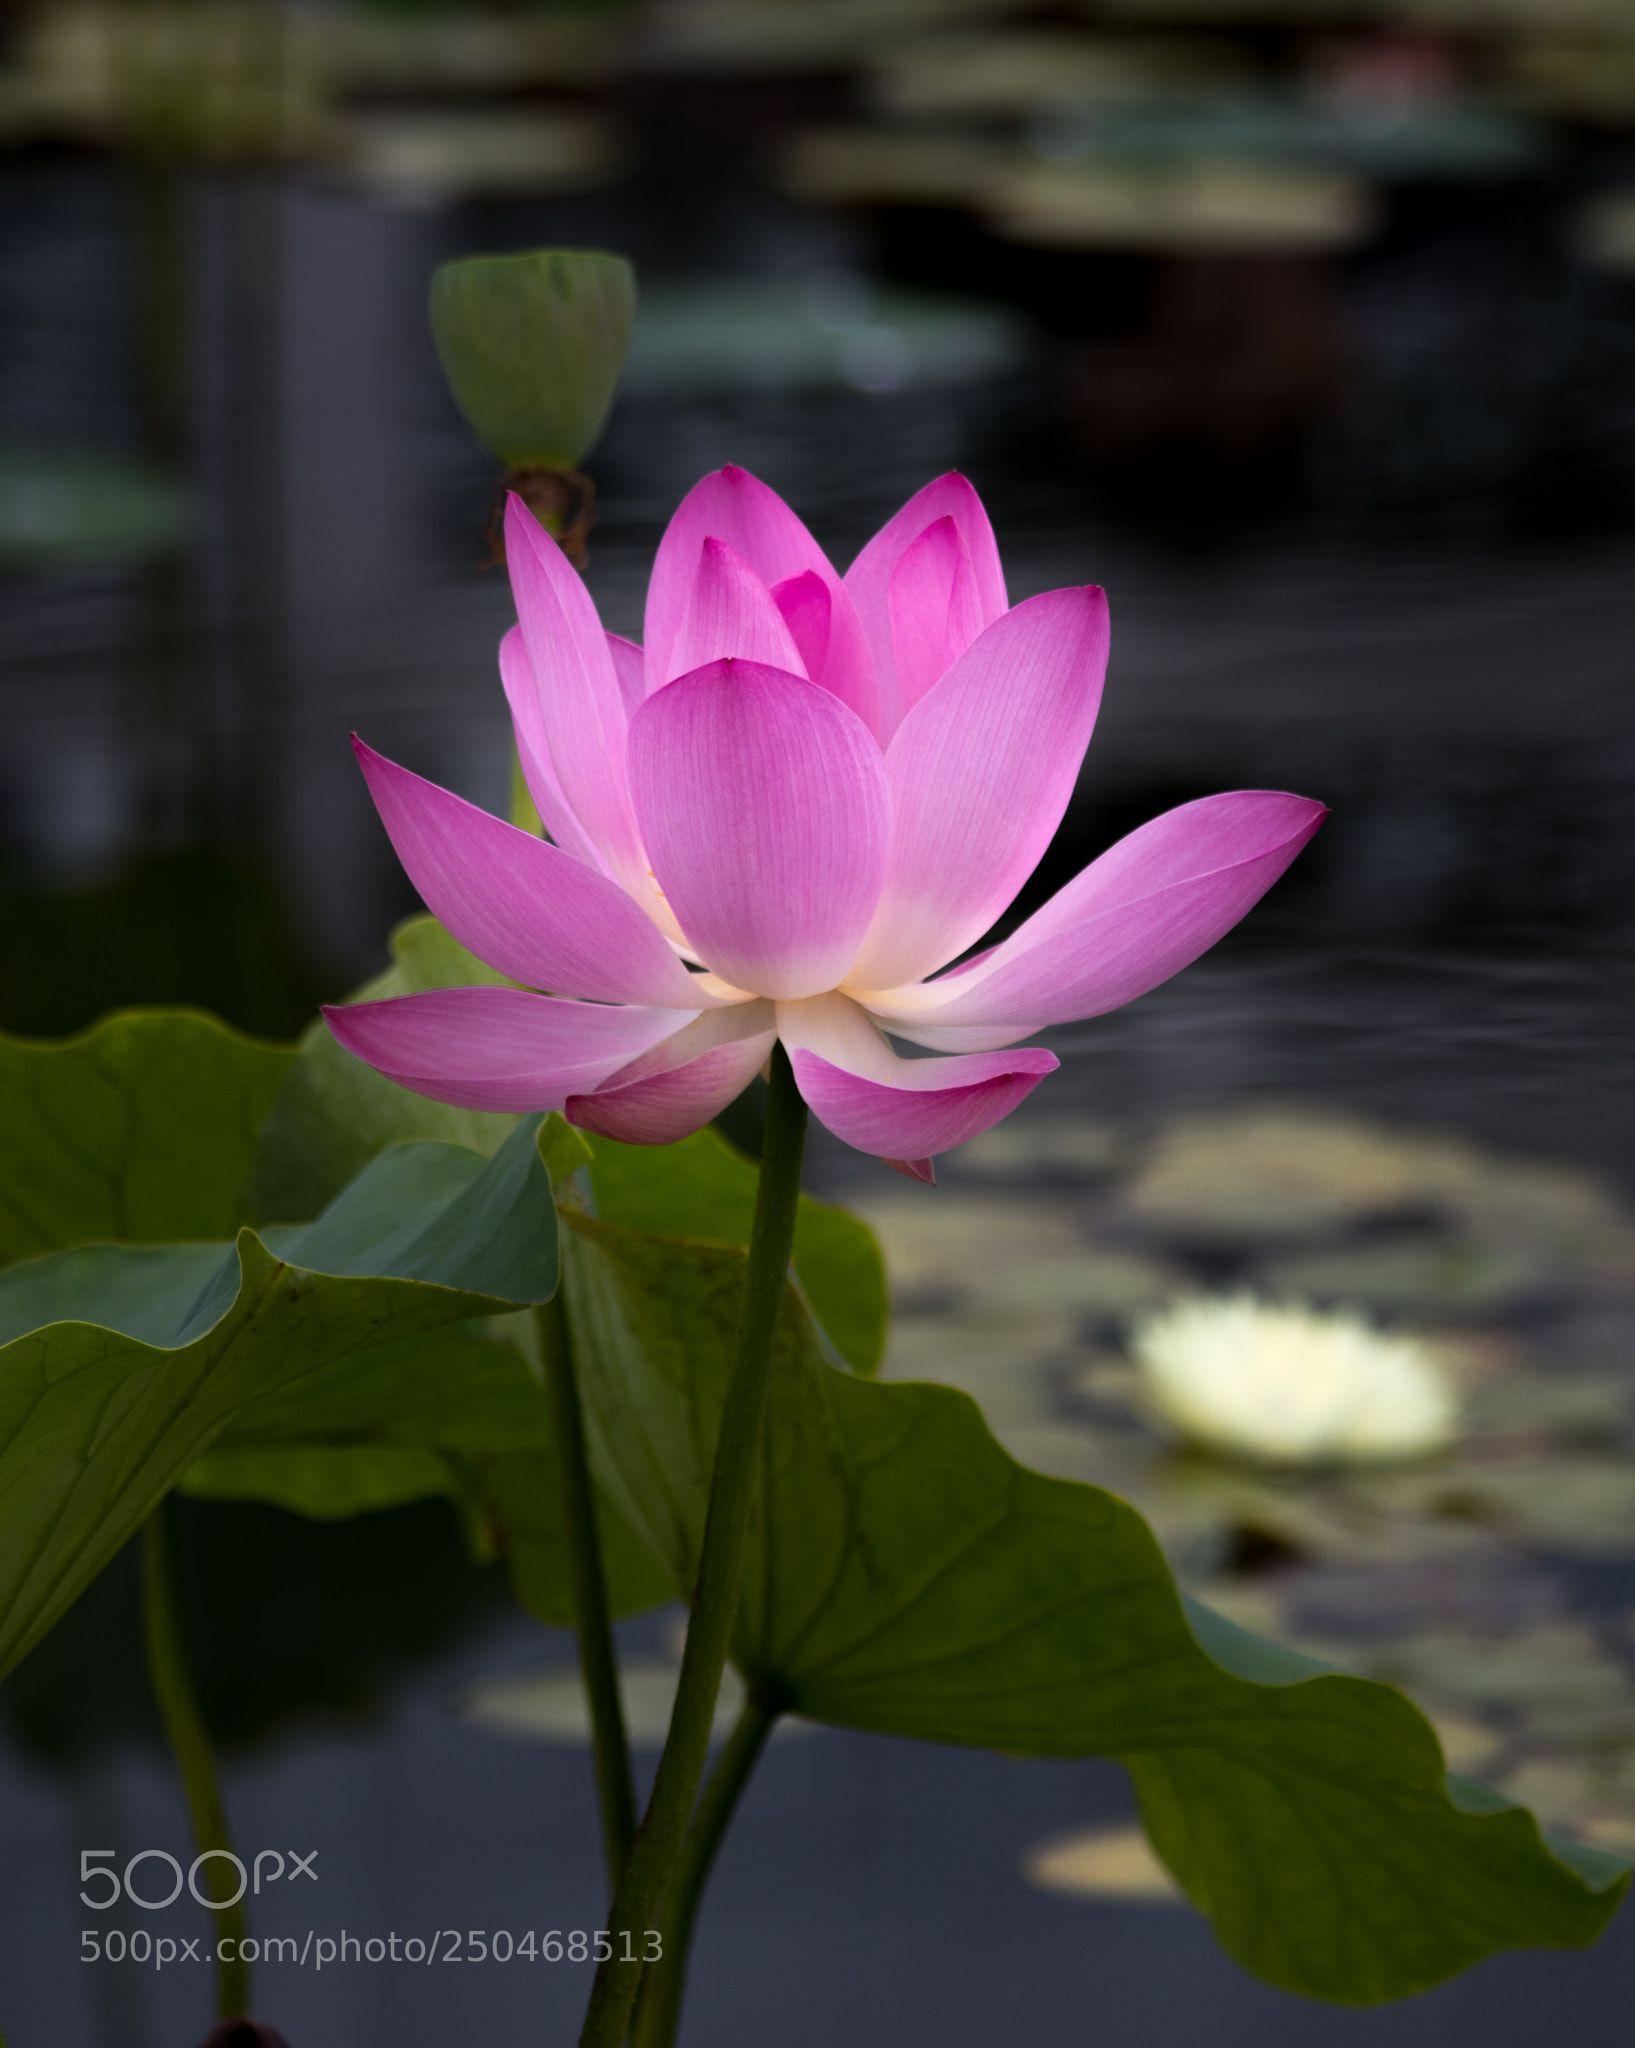 Blooming lotus by sunj99 my favorite flowers pinterest lotus blooming lotus by sunj99 izmirmasajfo